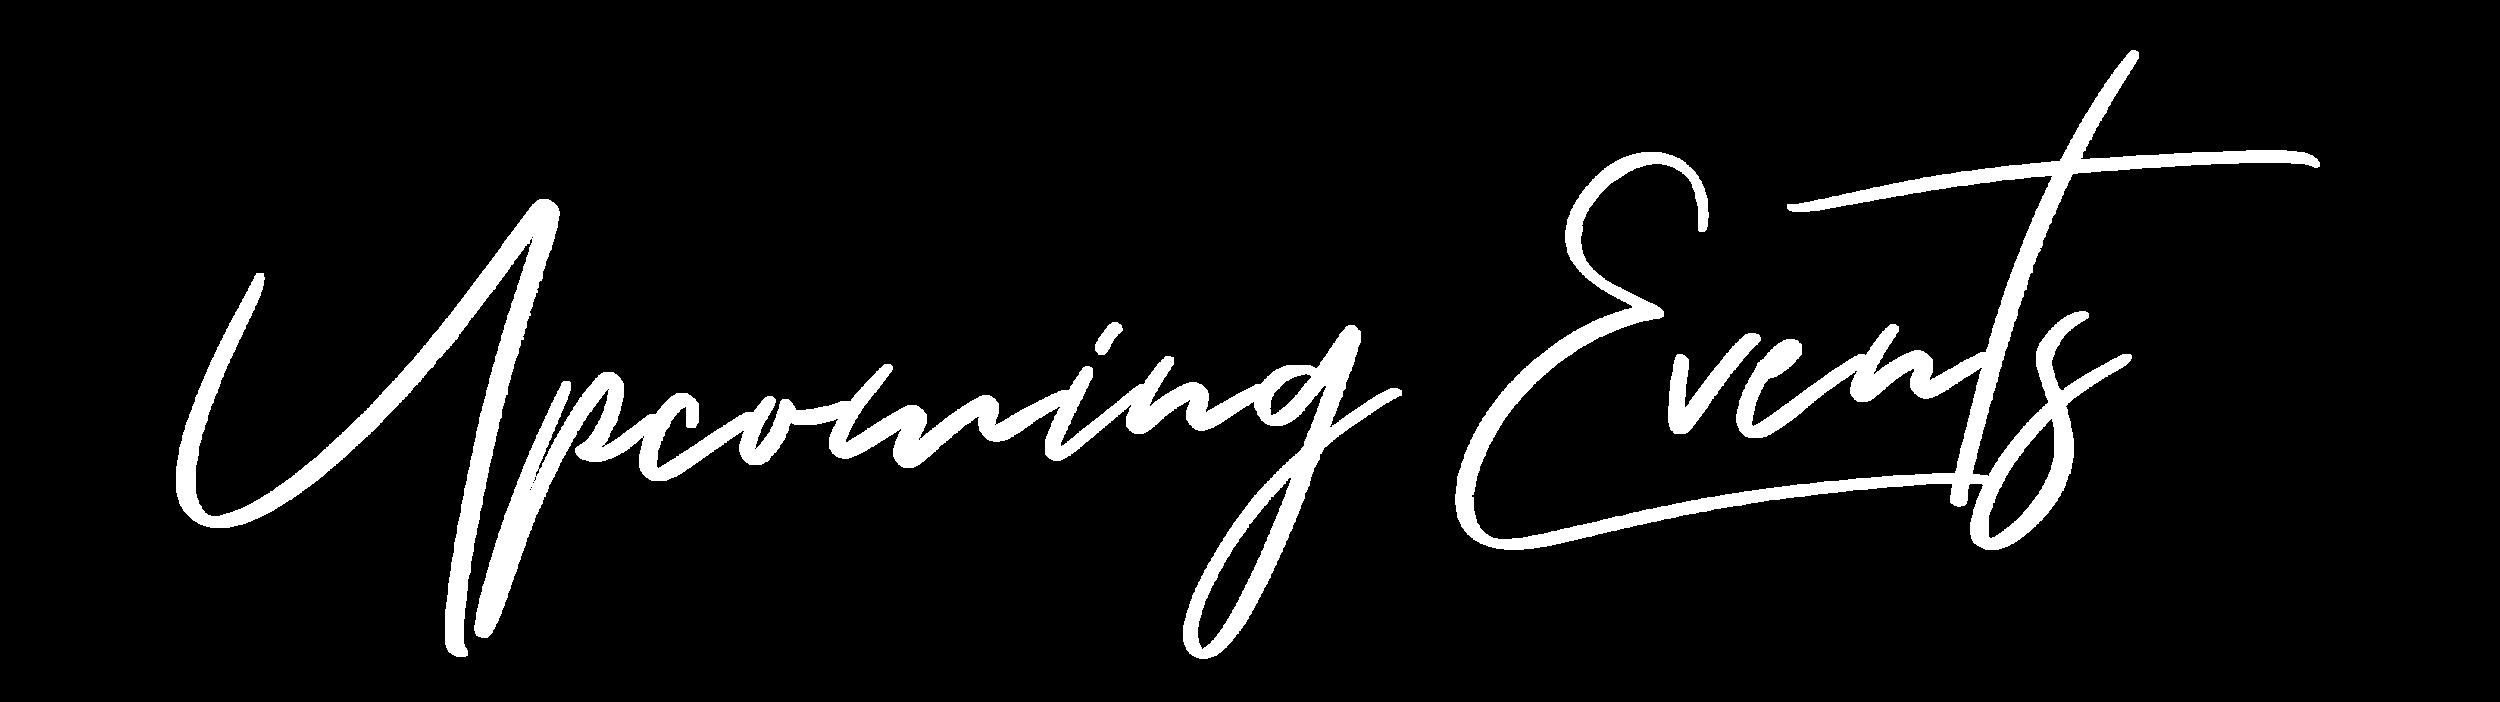 Modrn_UpcomingEventsHeader.png